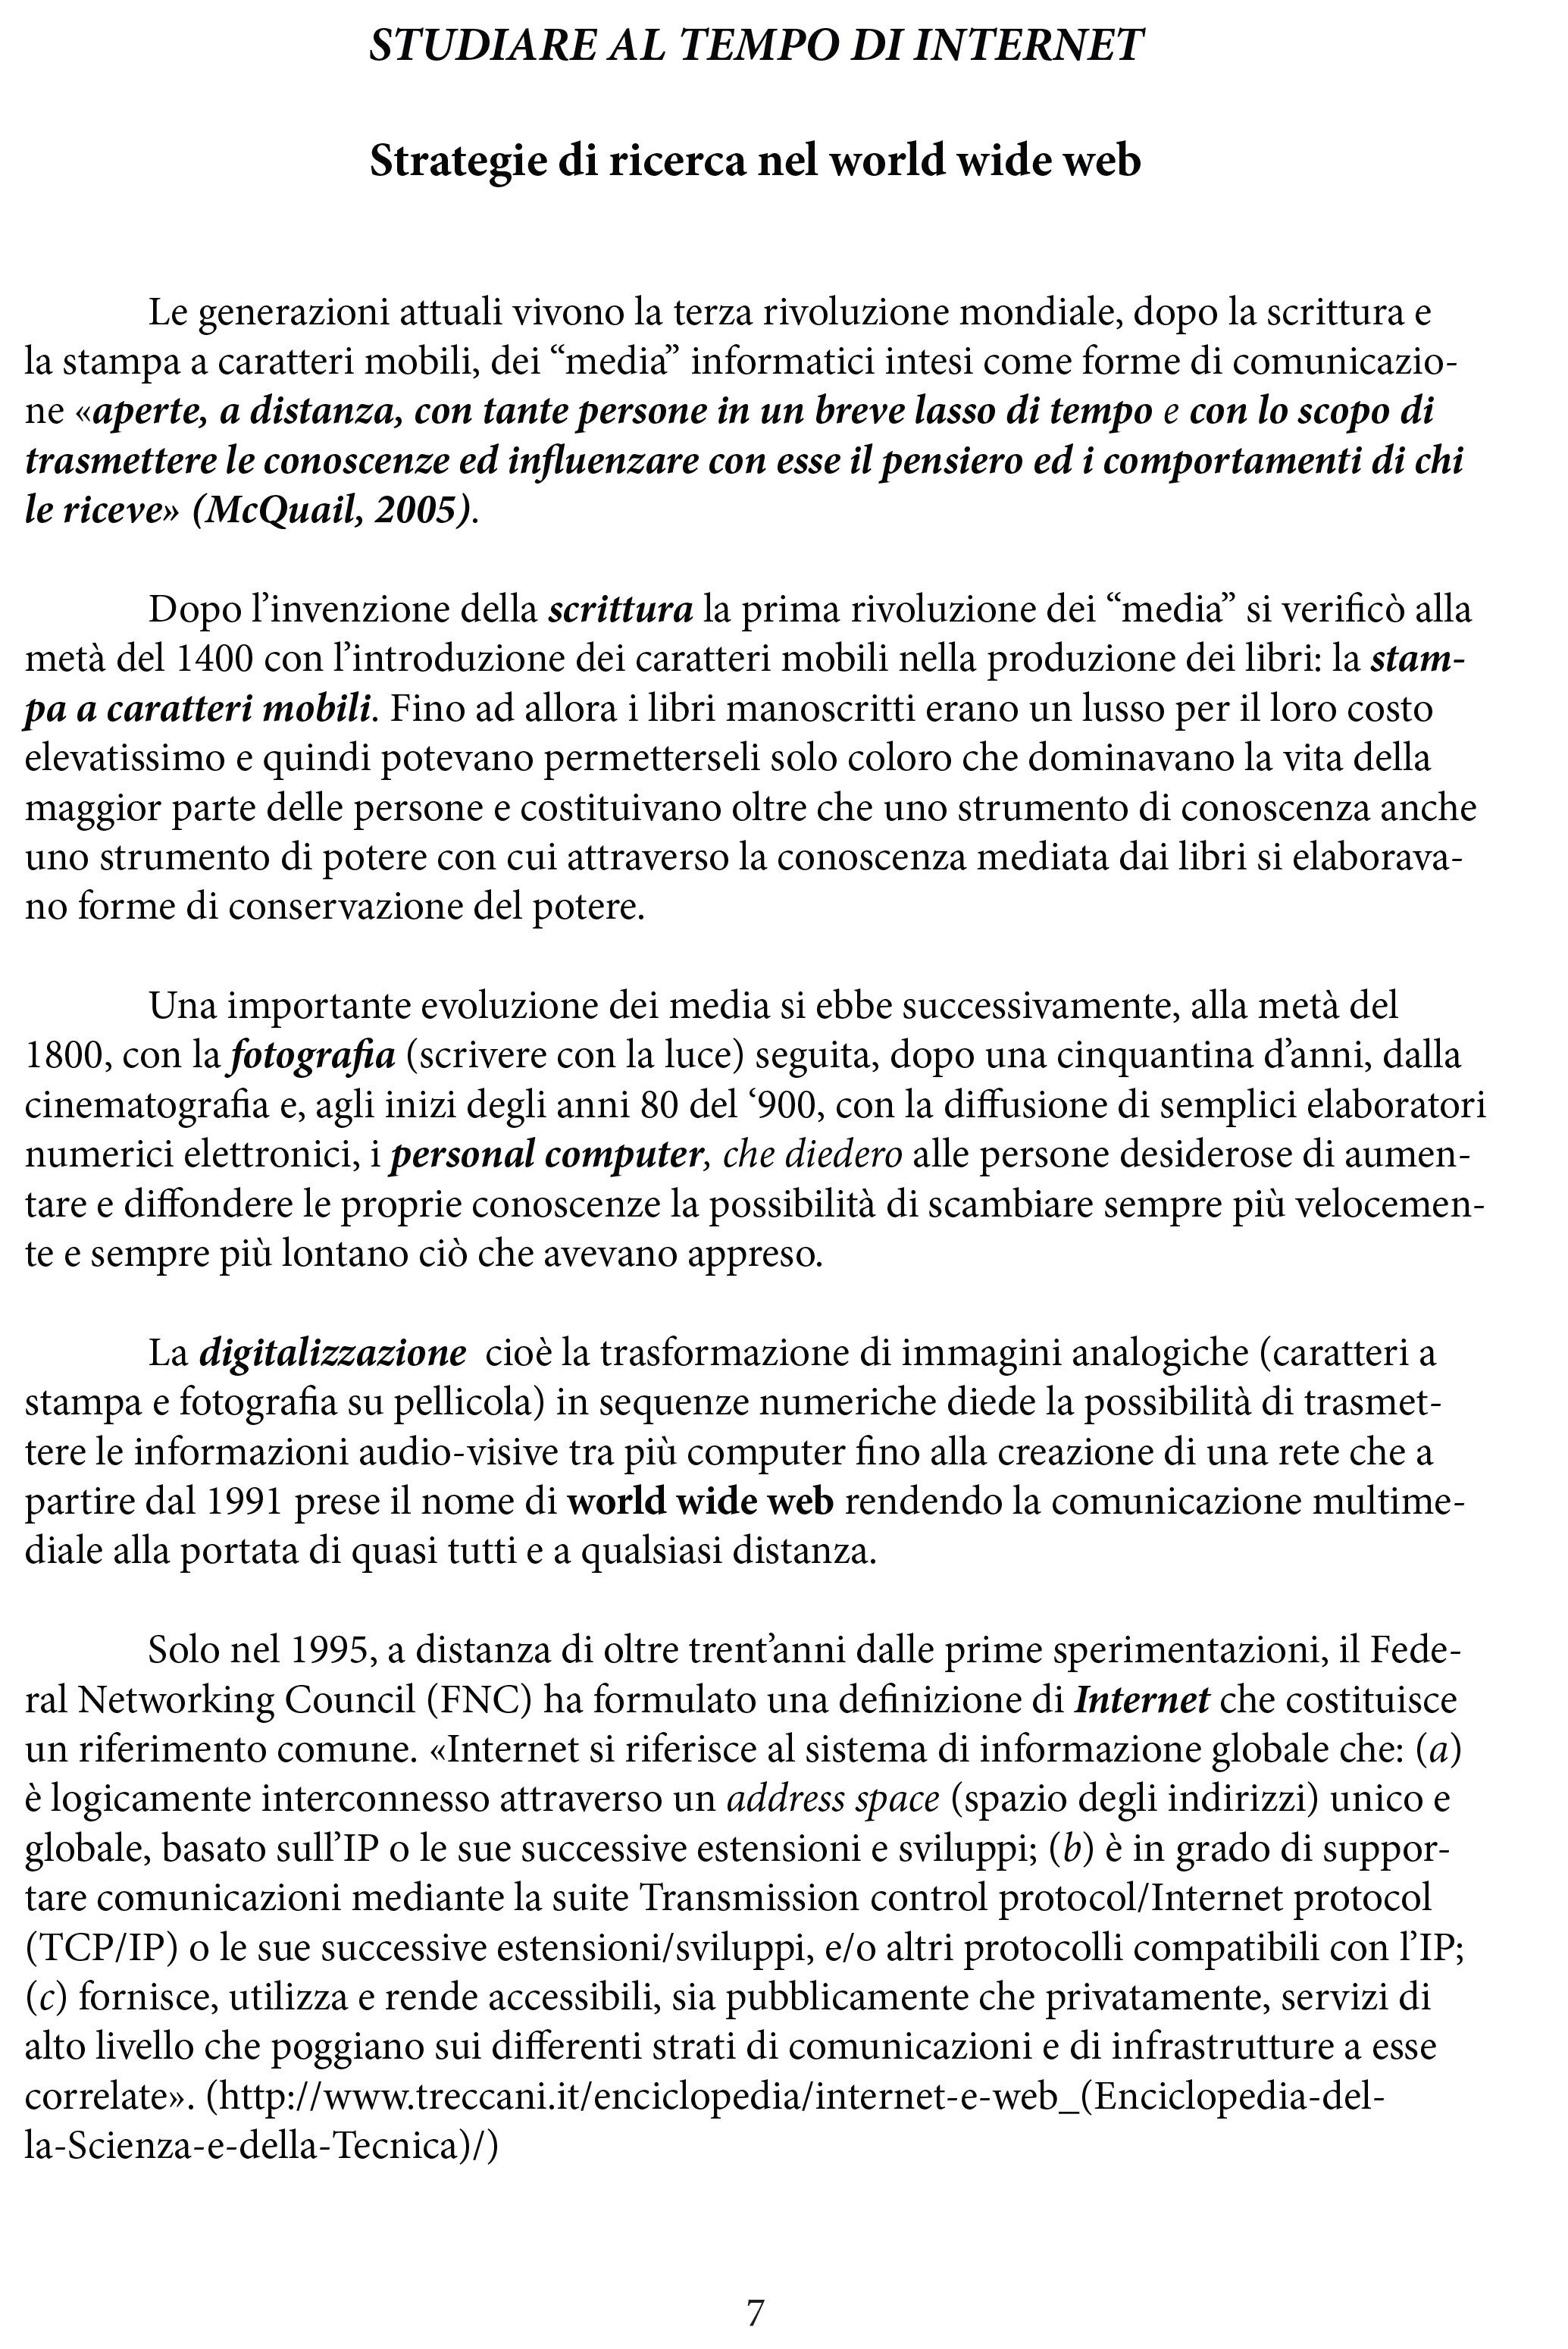 STUDIARE AL TEMPO DI INTERNET-7